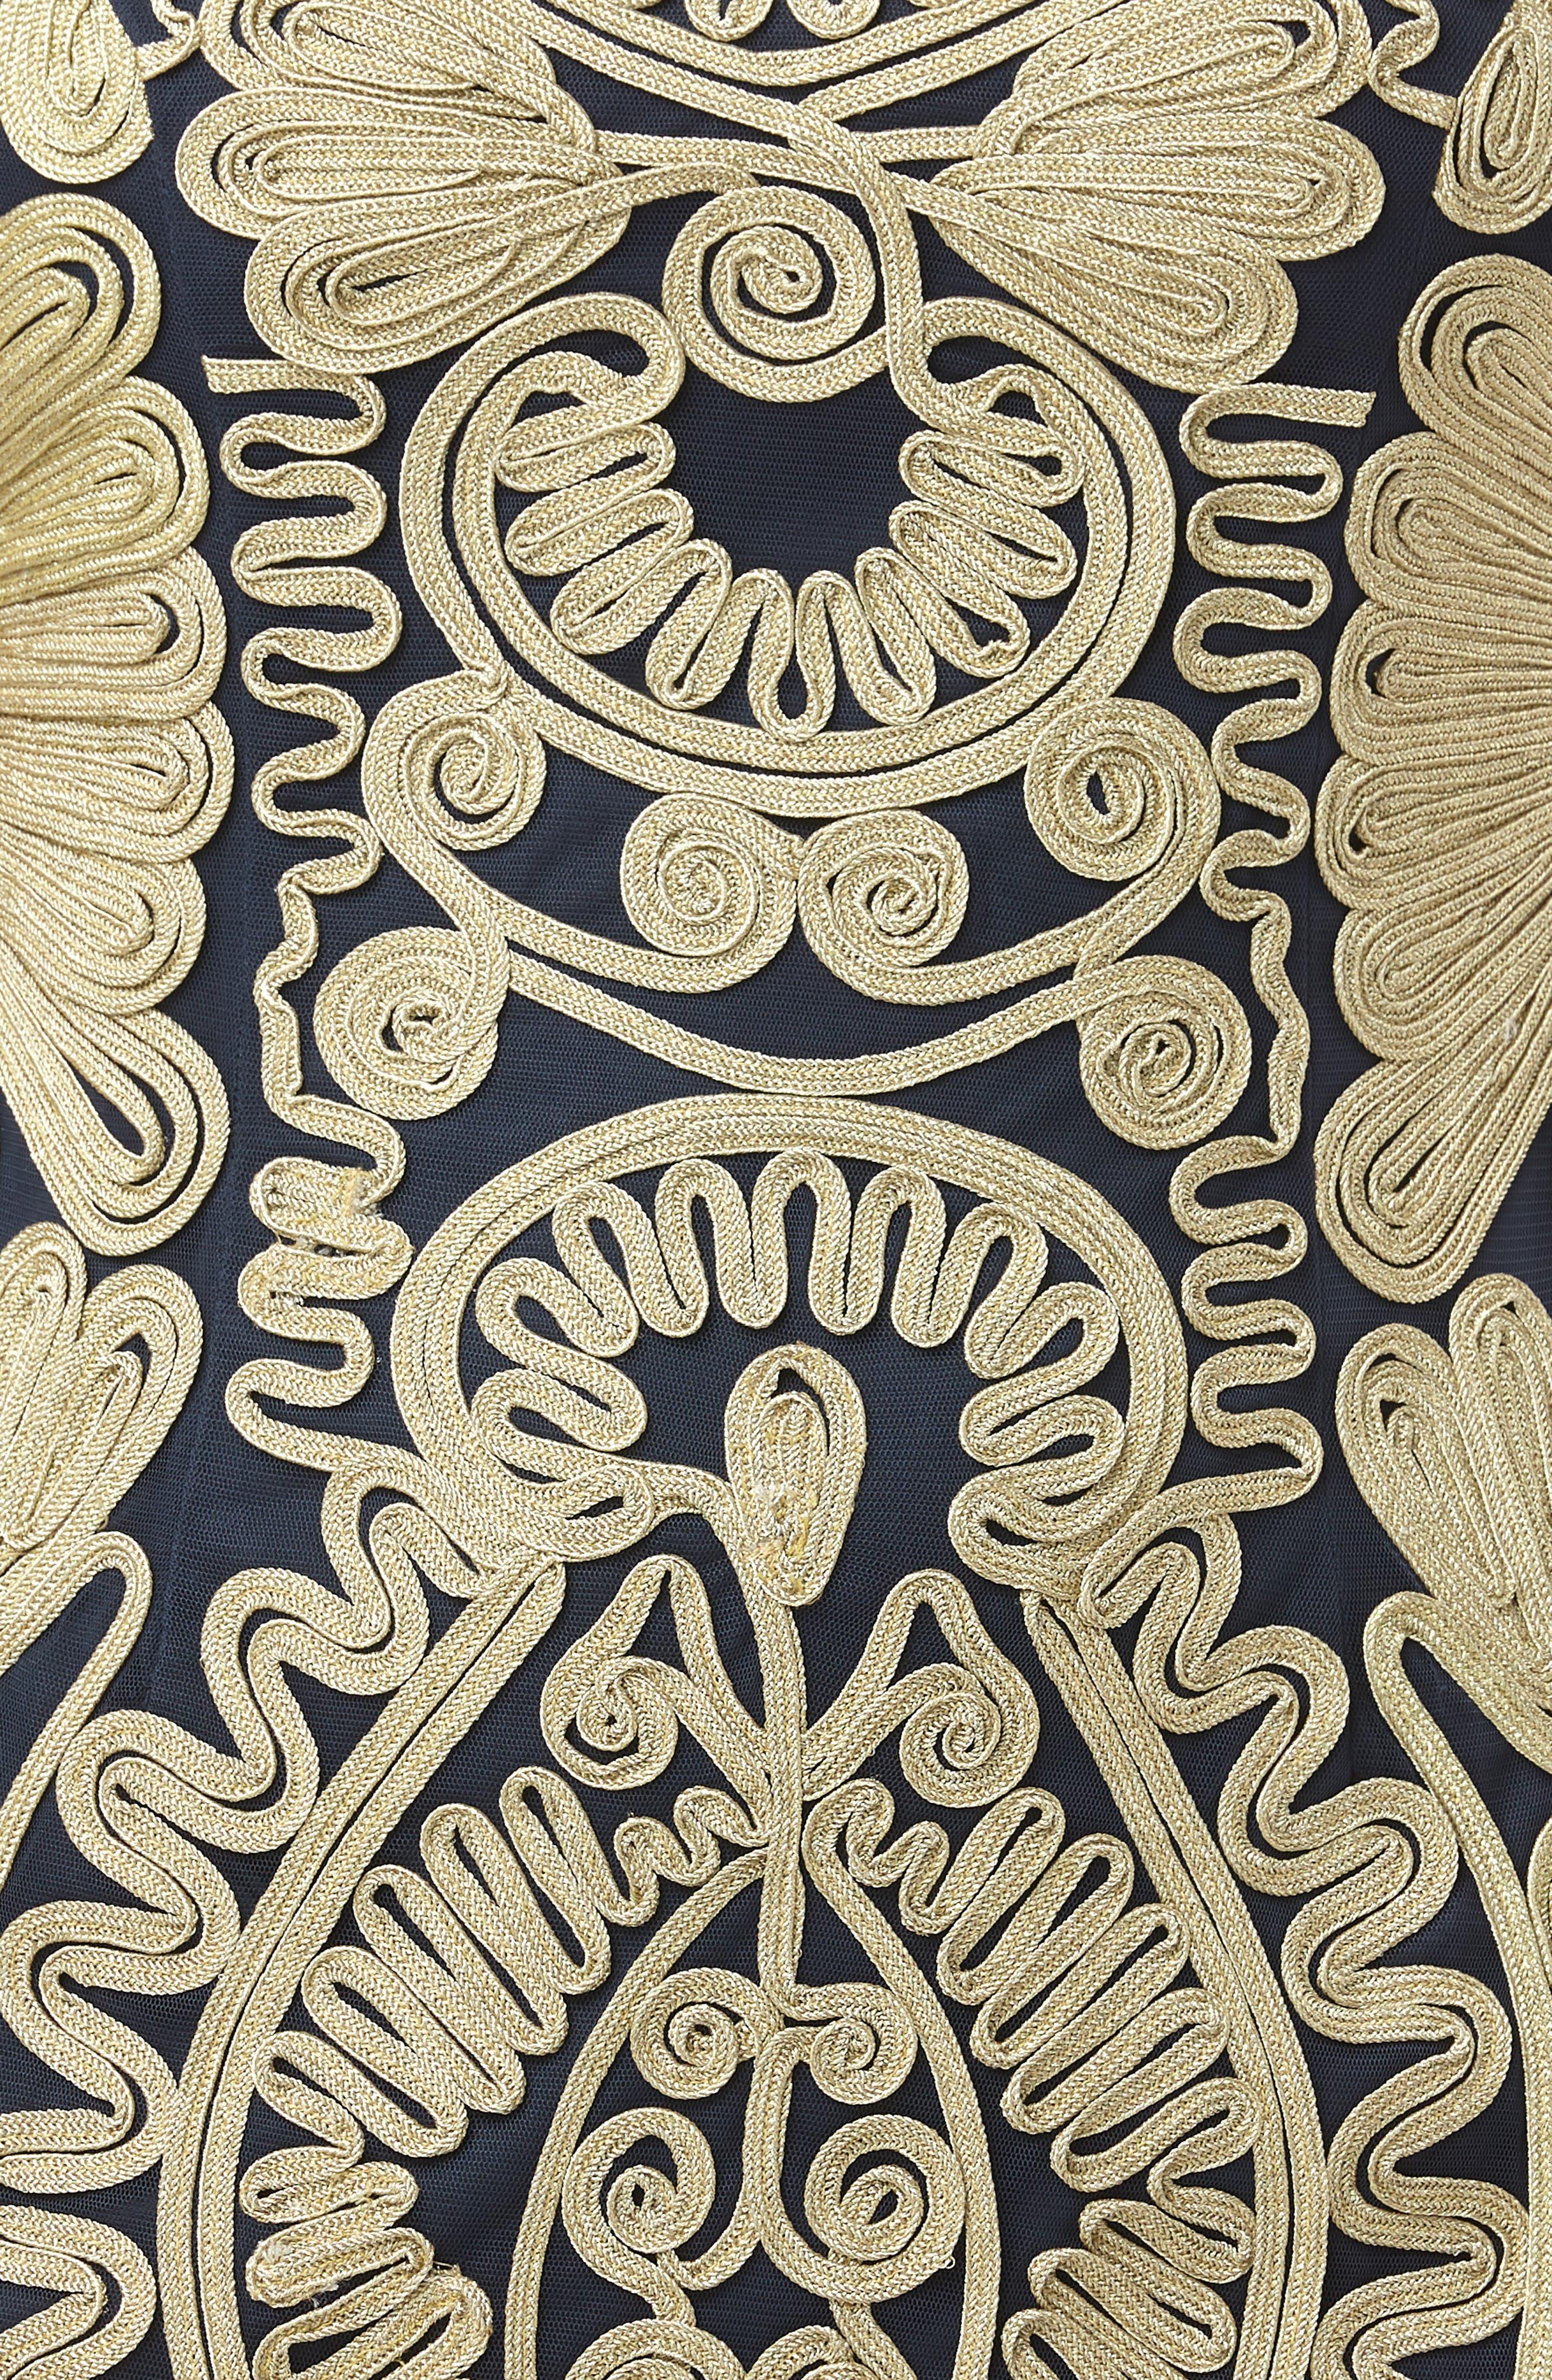 Soutache Dress,                             Alternate thumbnail 4, color,                             GOLD/ NAVY